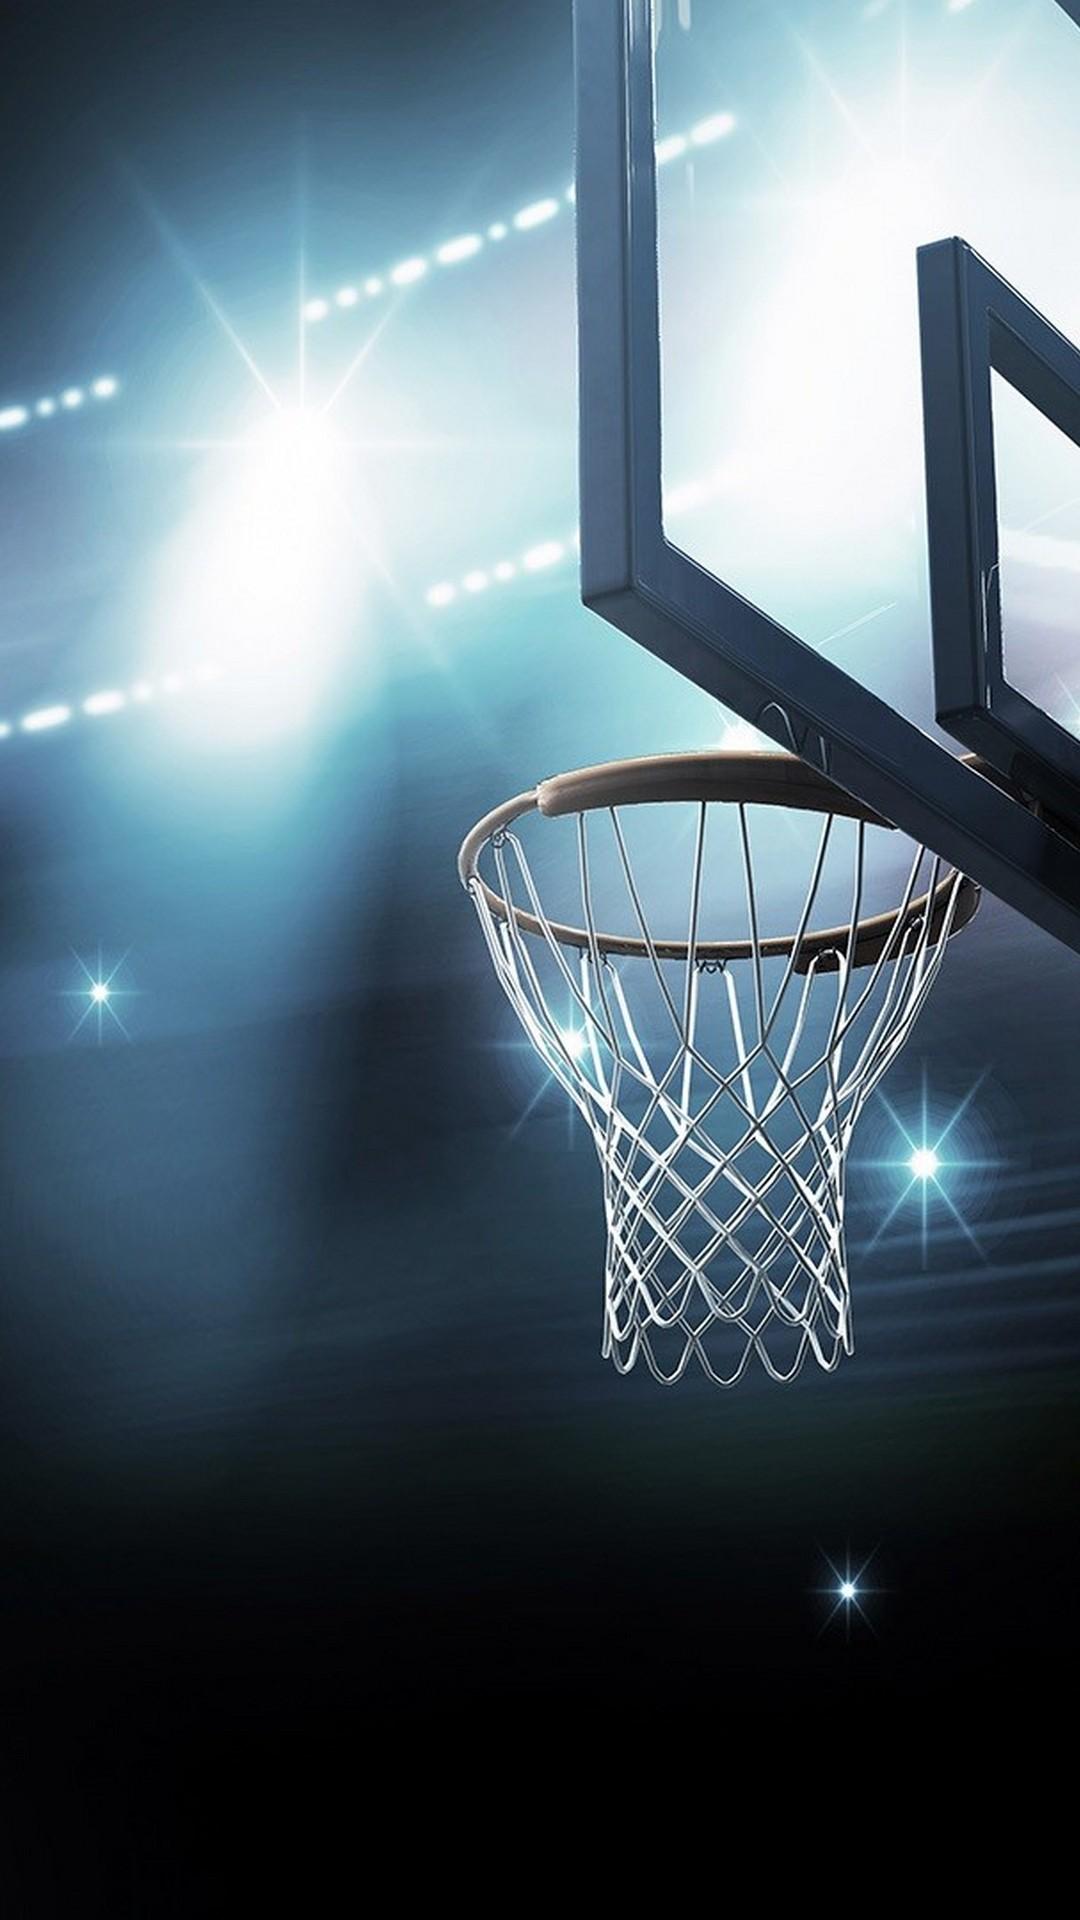 Start Download - Golden State Warriors 2019 , HD Wallpaper & Backgrounds